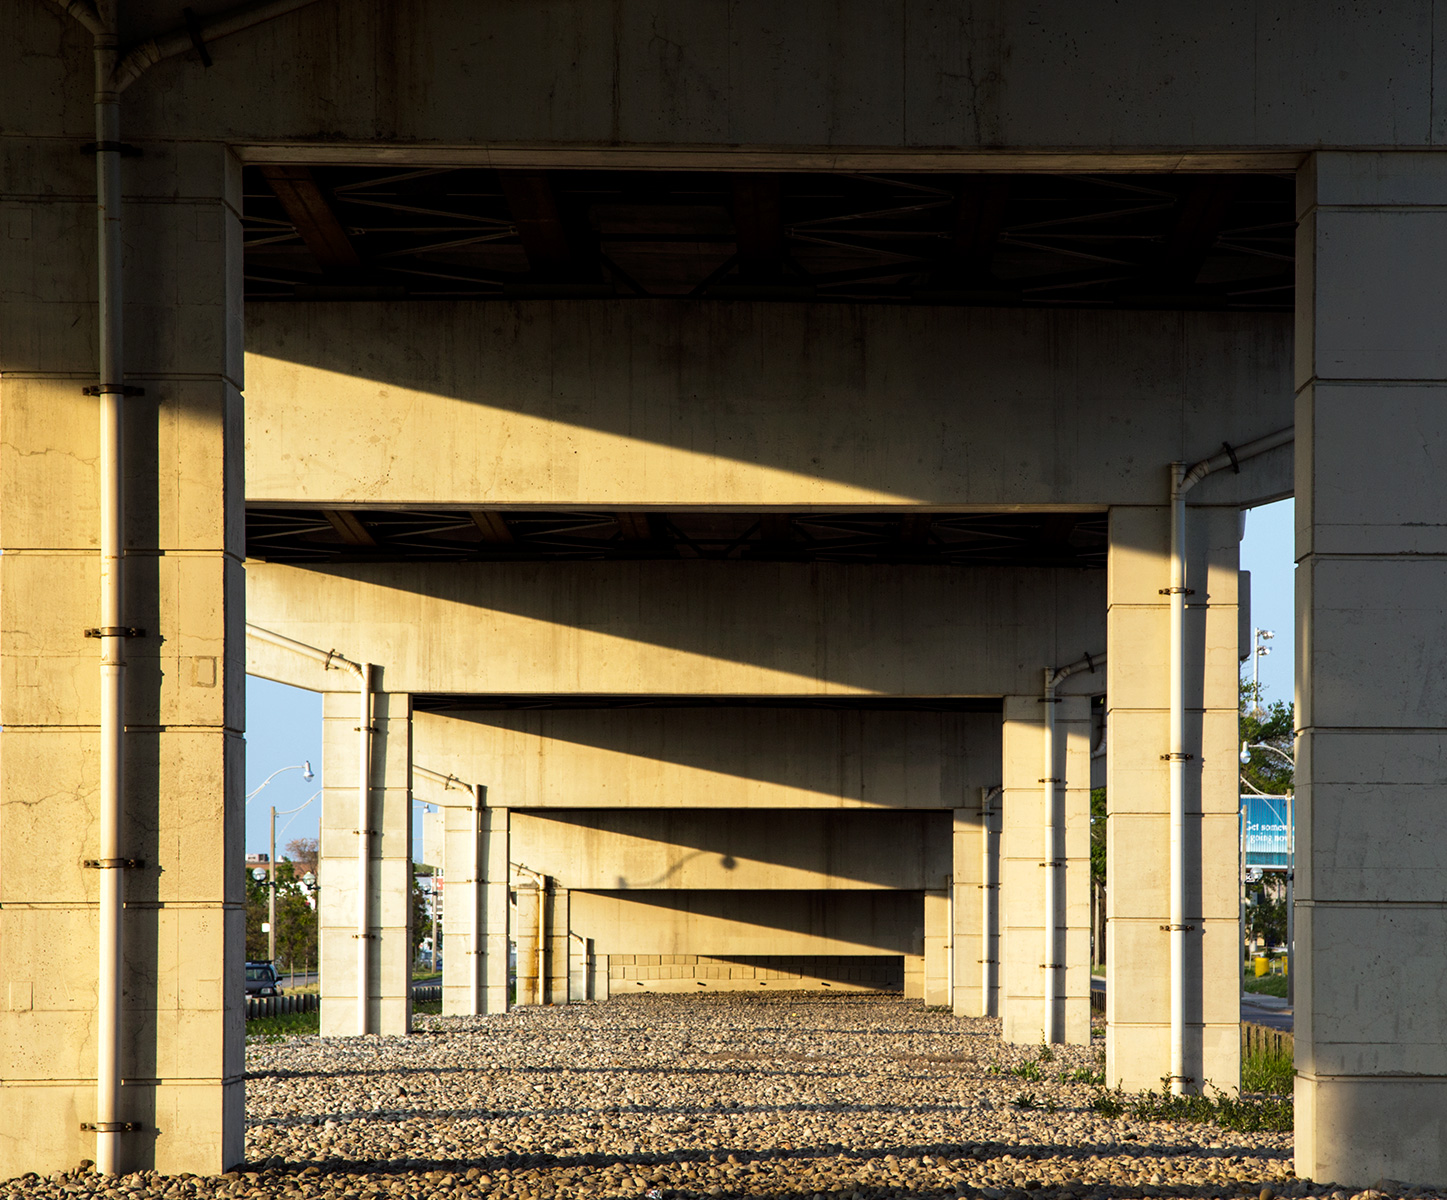 20150606 Whatever awaits Toronto's Gardiner Expressway, it must